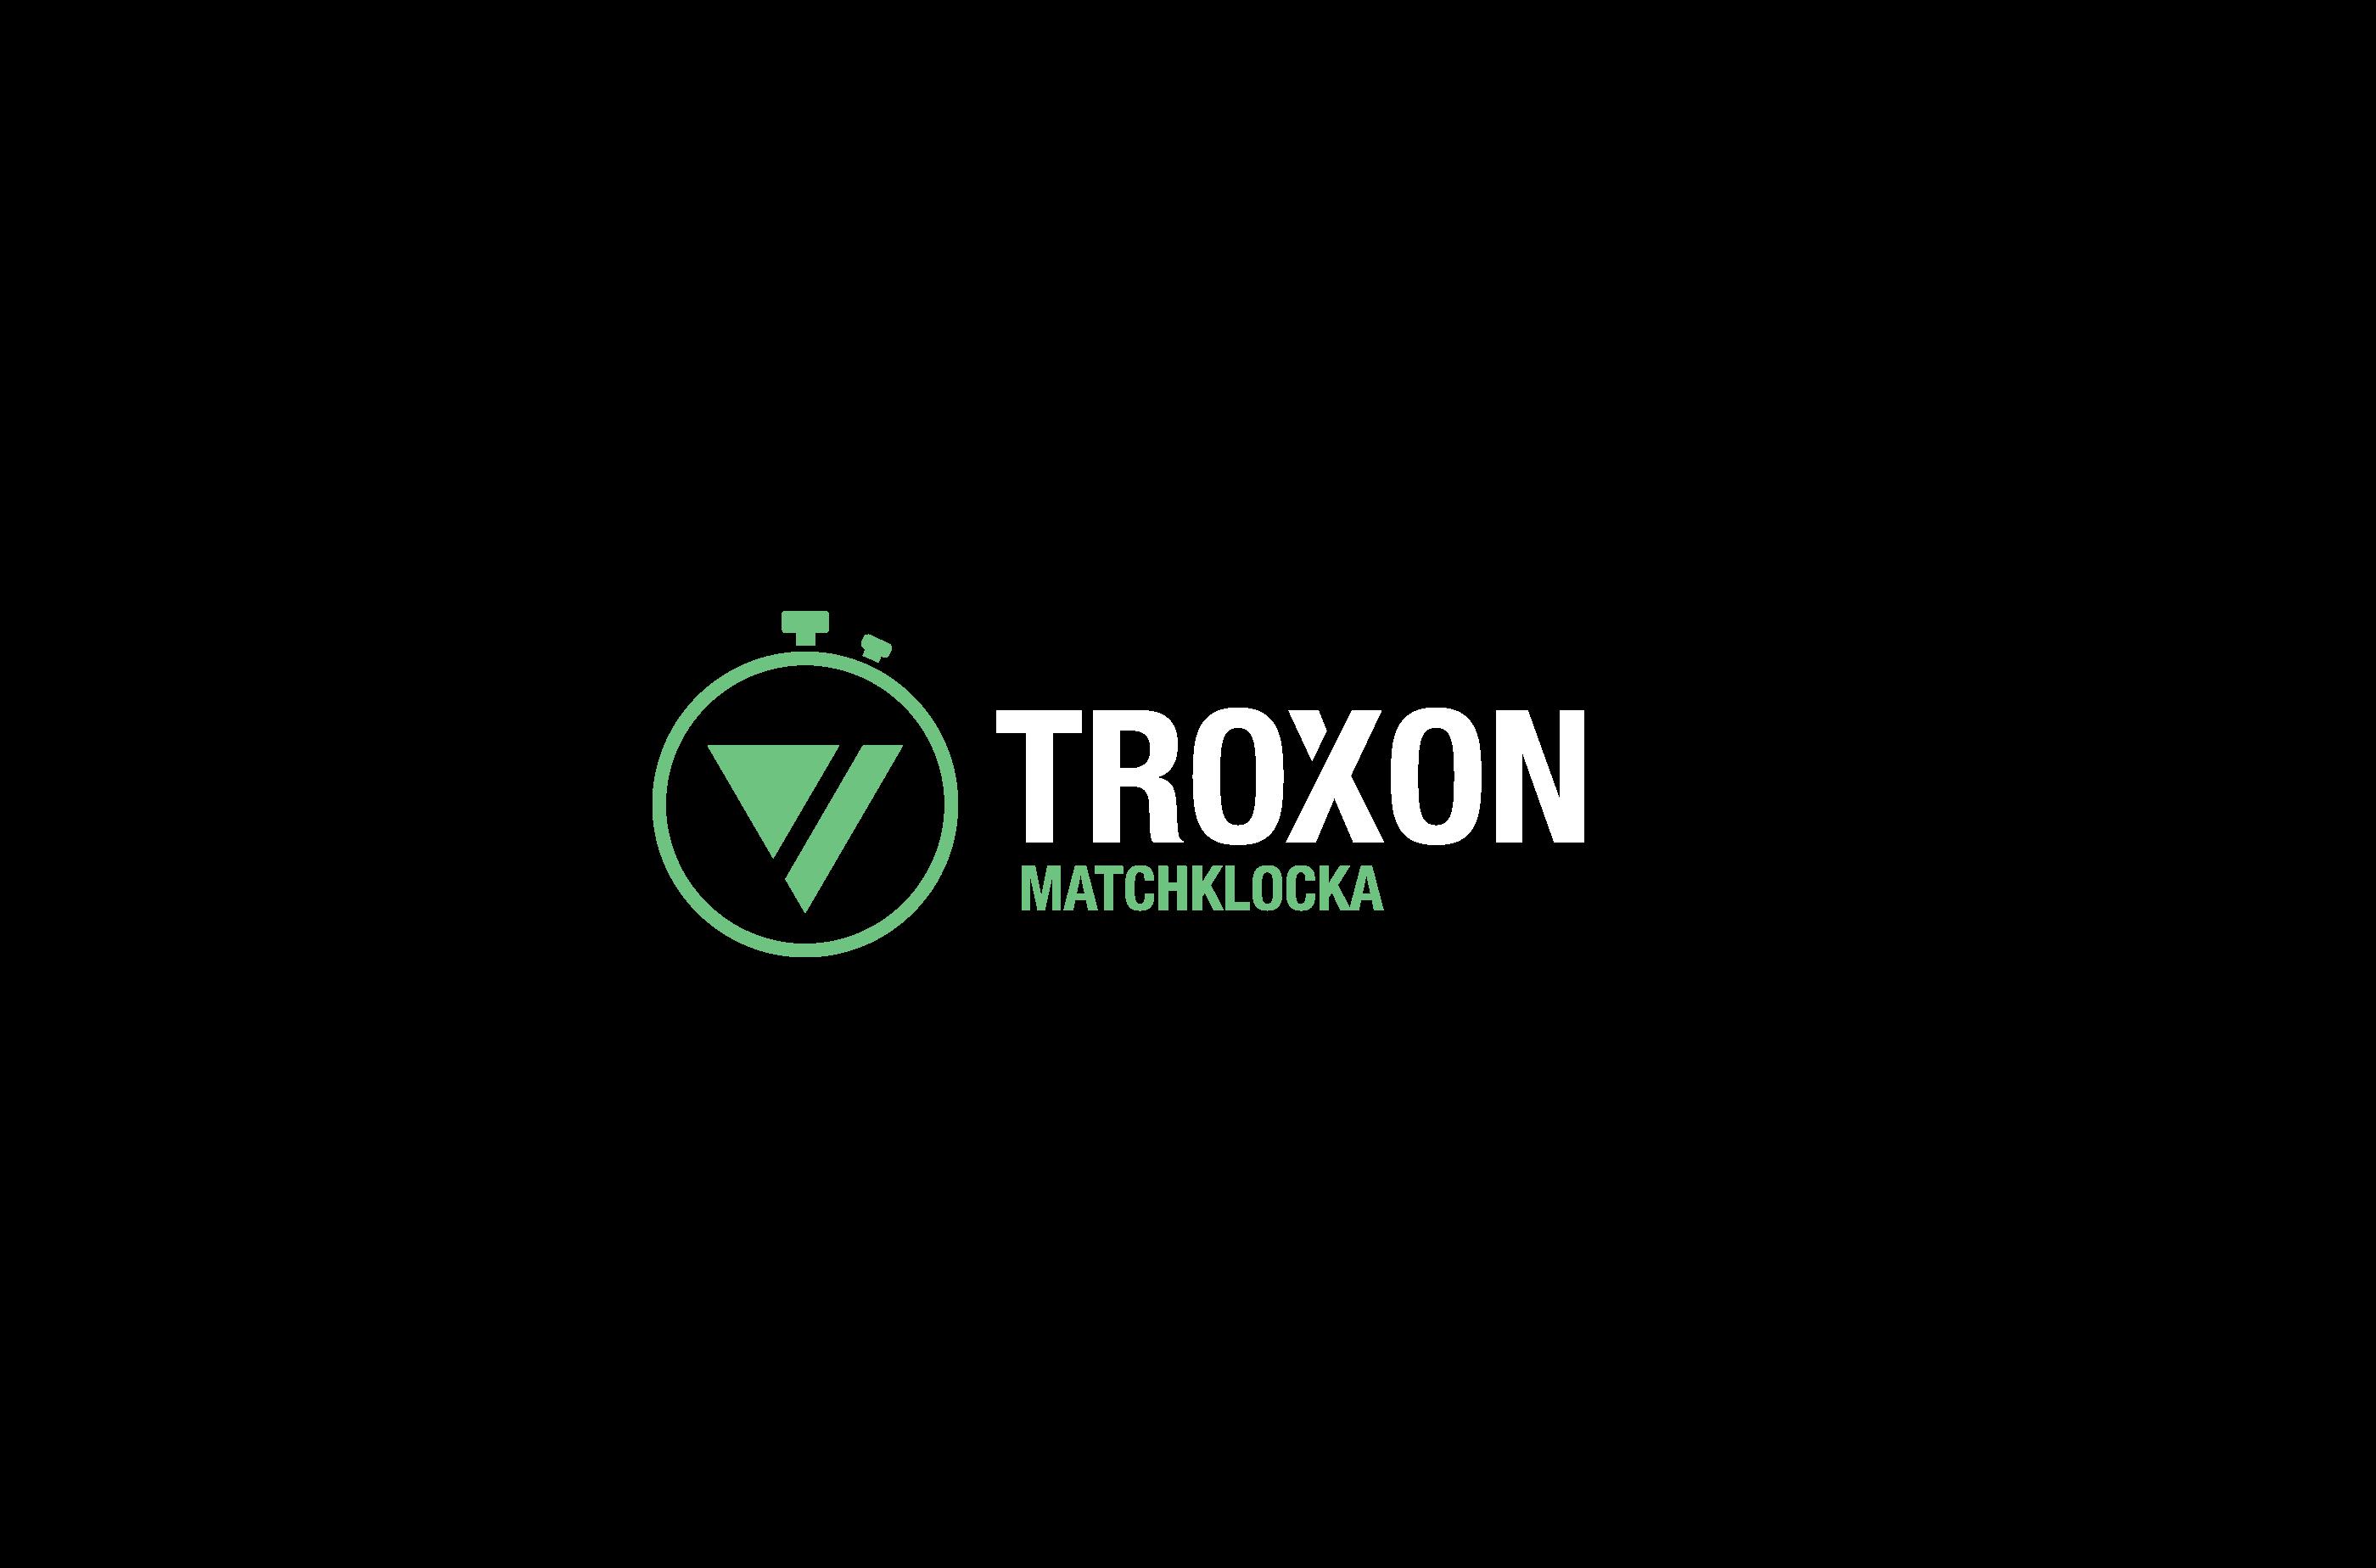 Troxon Logo